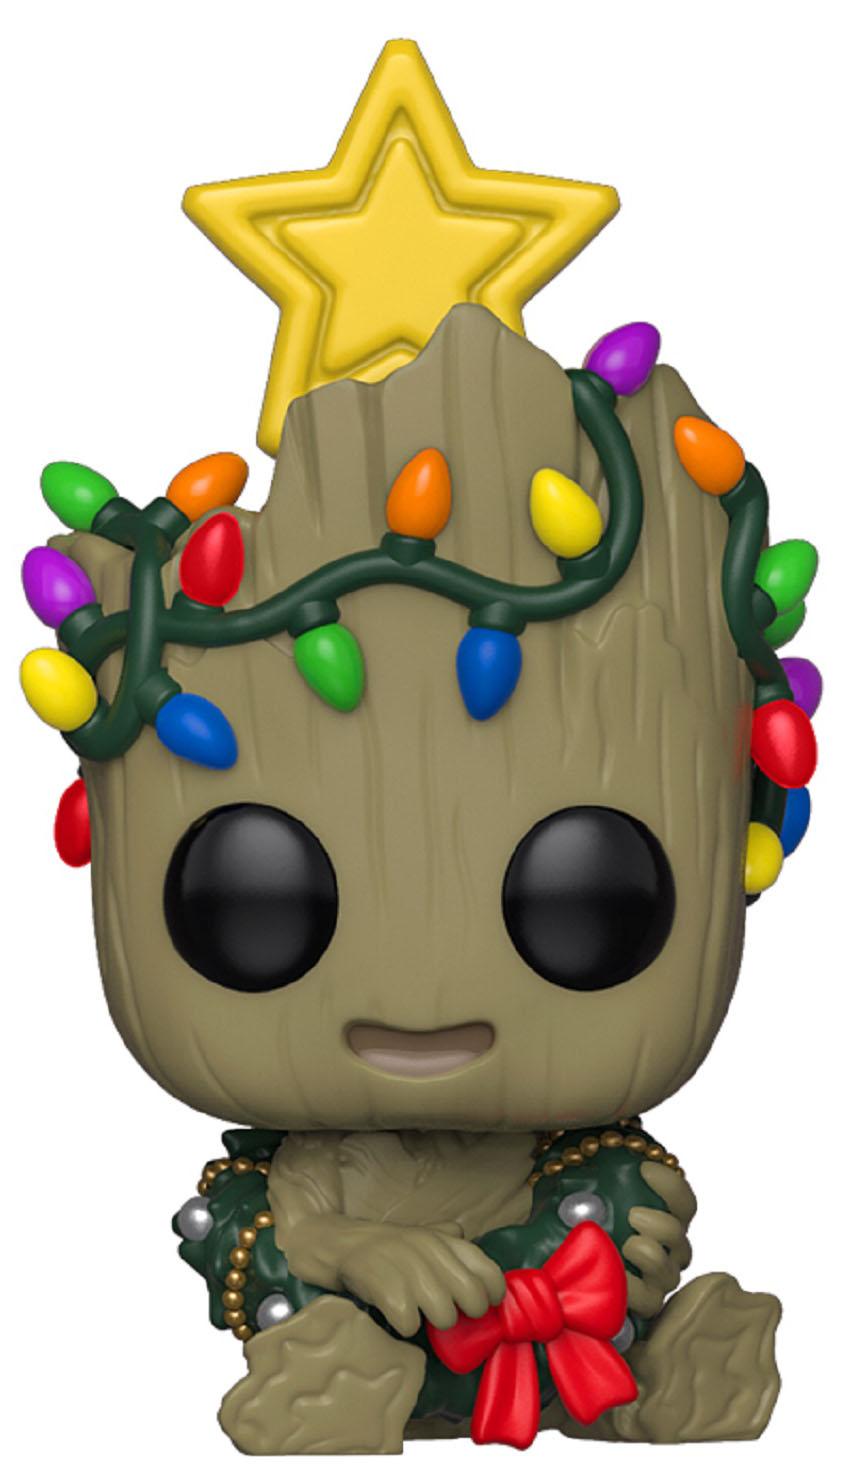 Фигурка Funko POP Marvel: Holiday – Groot Bobble-Head (9,5 см) фото